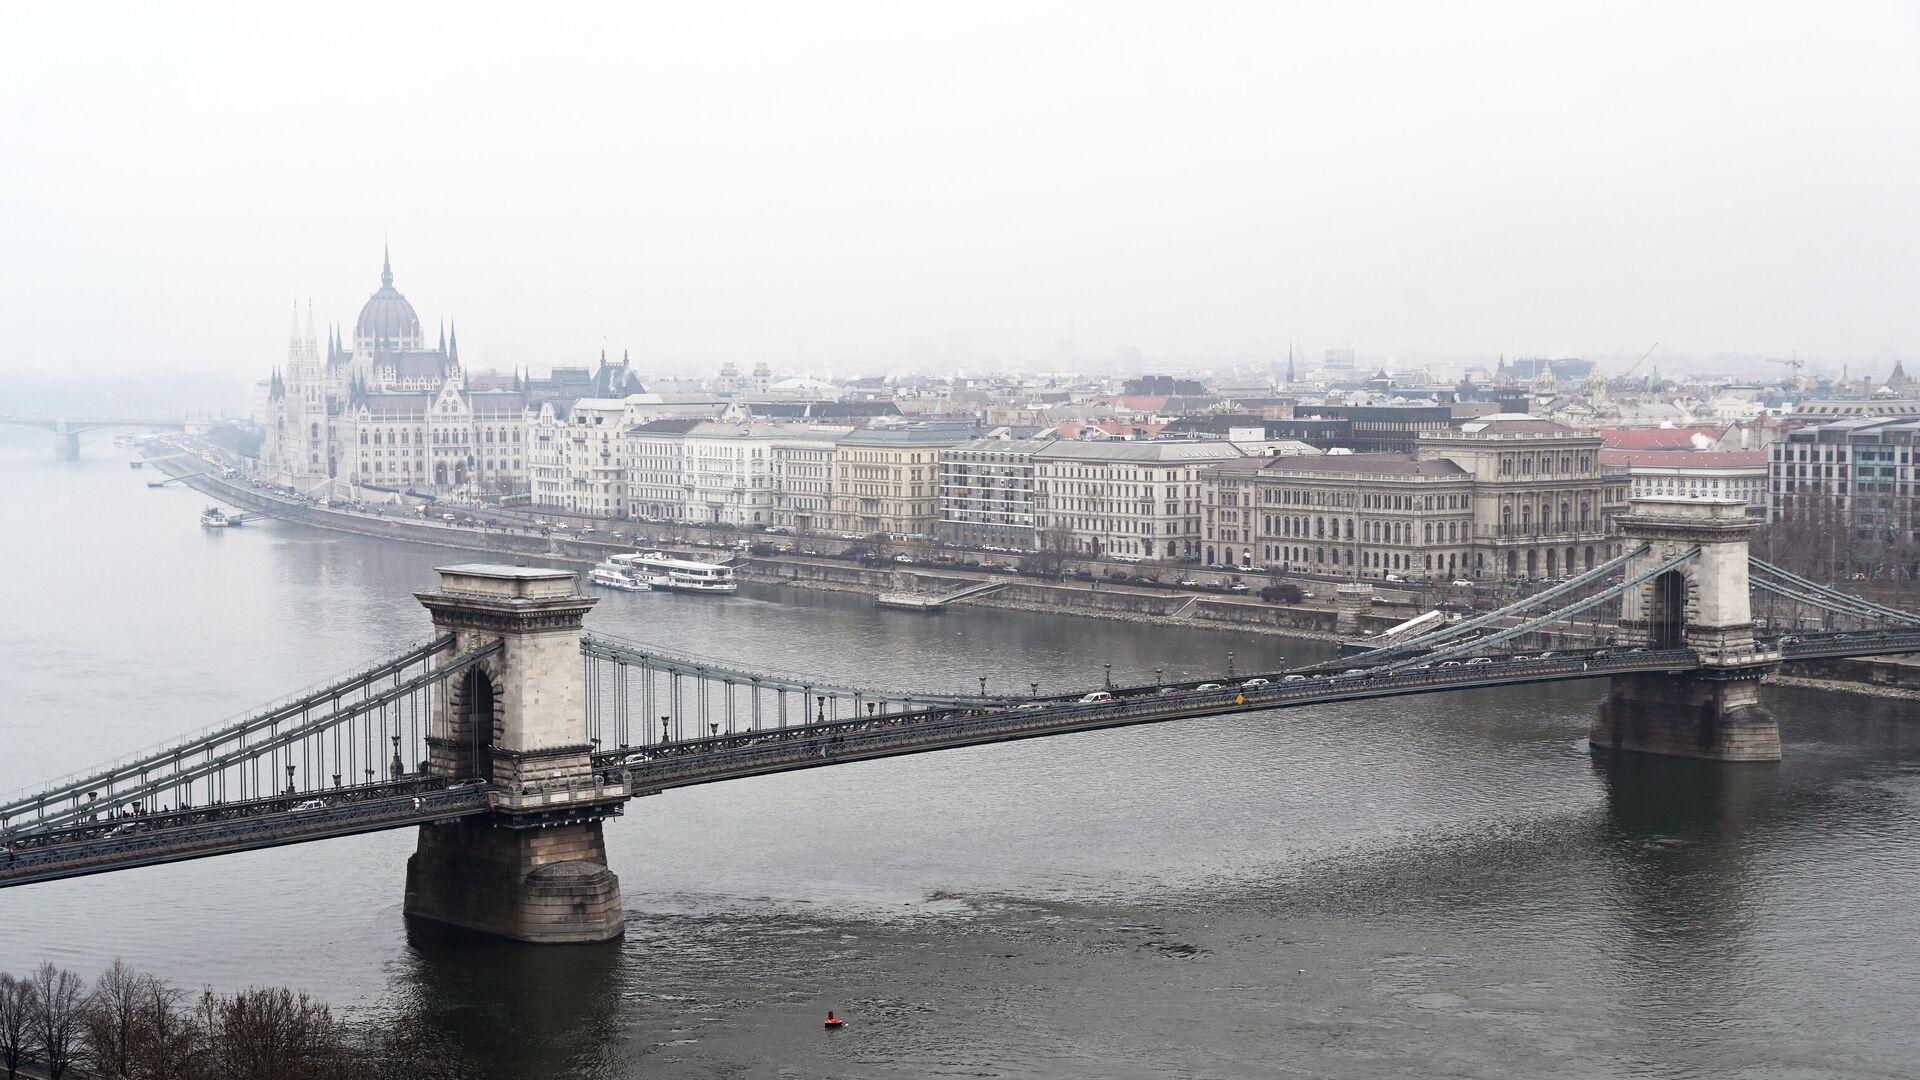 Вид на цепной мост Сечени и восточную часть города Пешт в Будапеште - РИА Новости, 1920, 28.09.2021